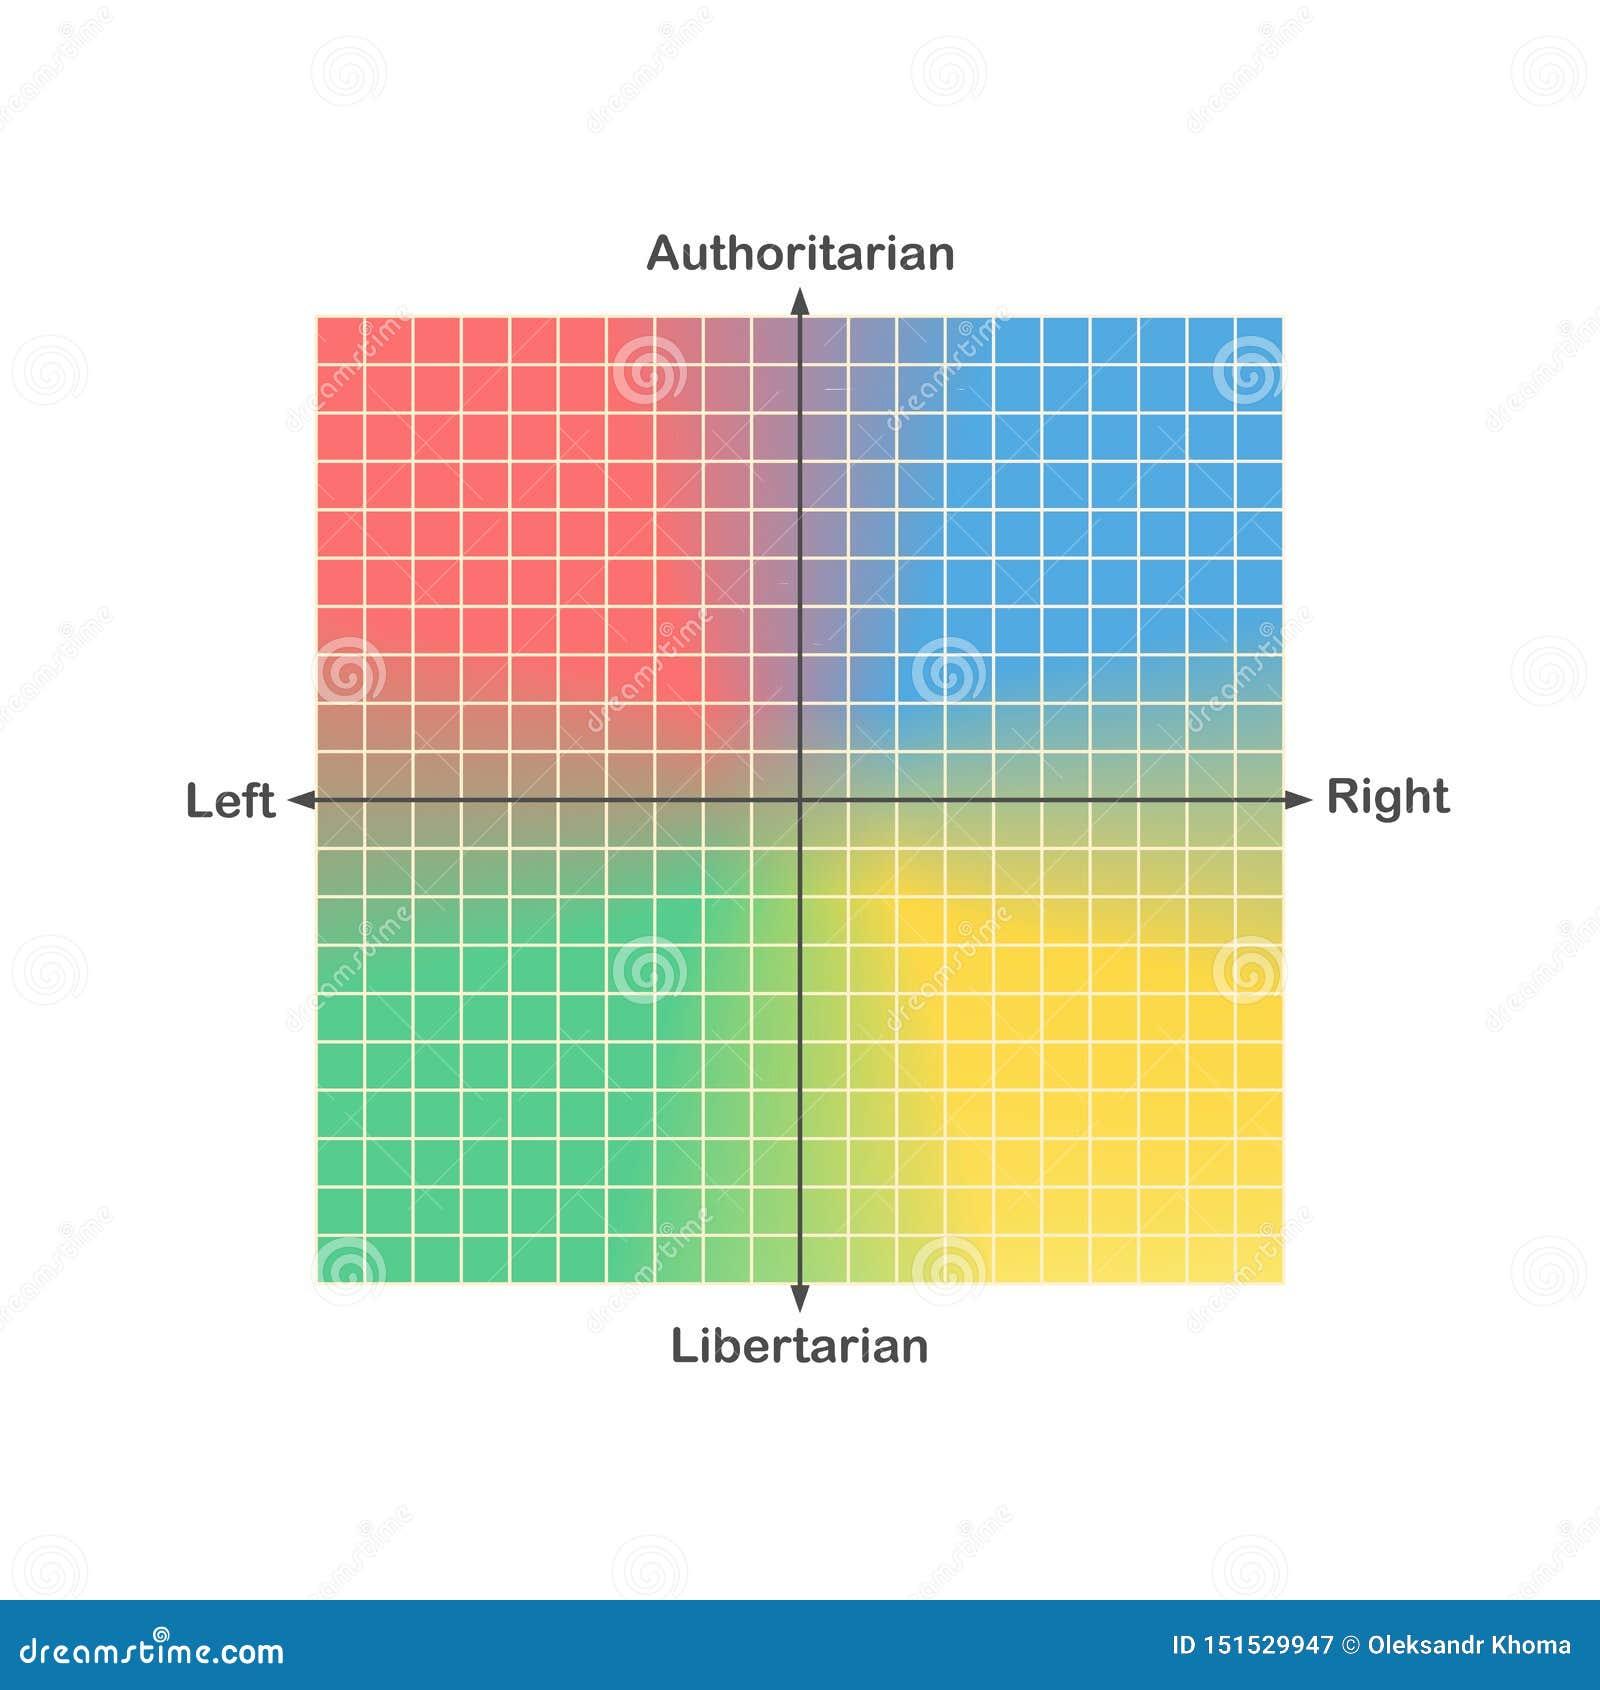 Diagramvektor för politisk kompass eller för politiskt spektrum